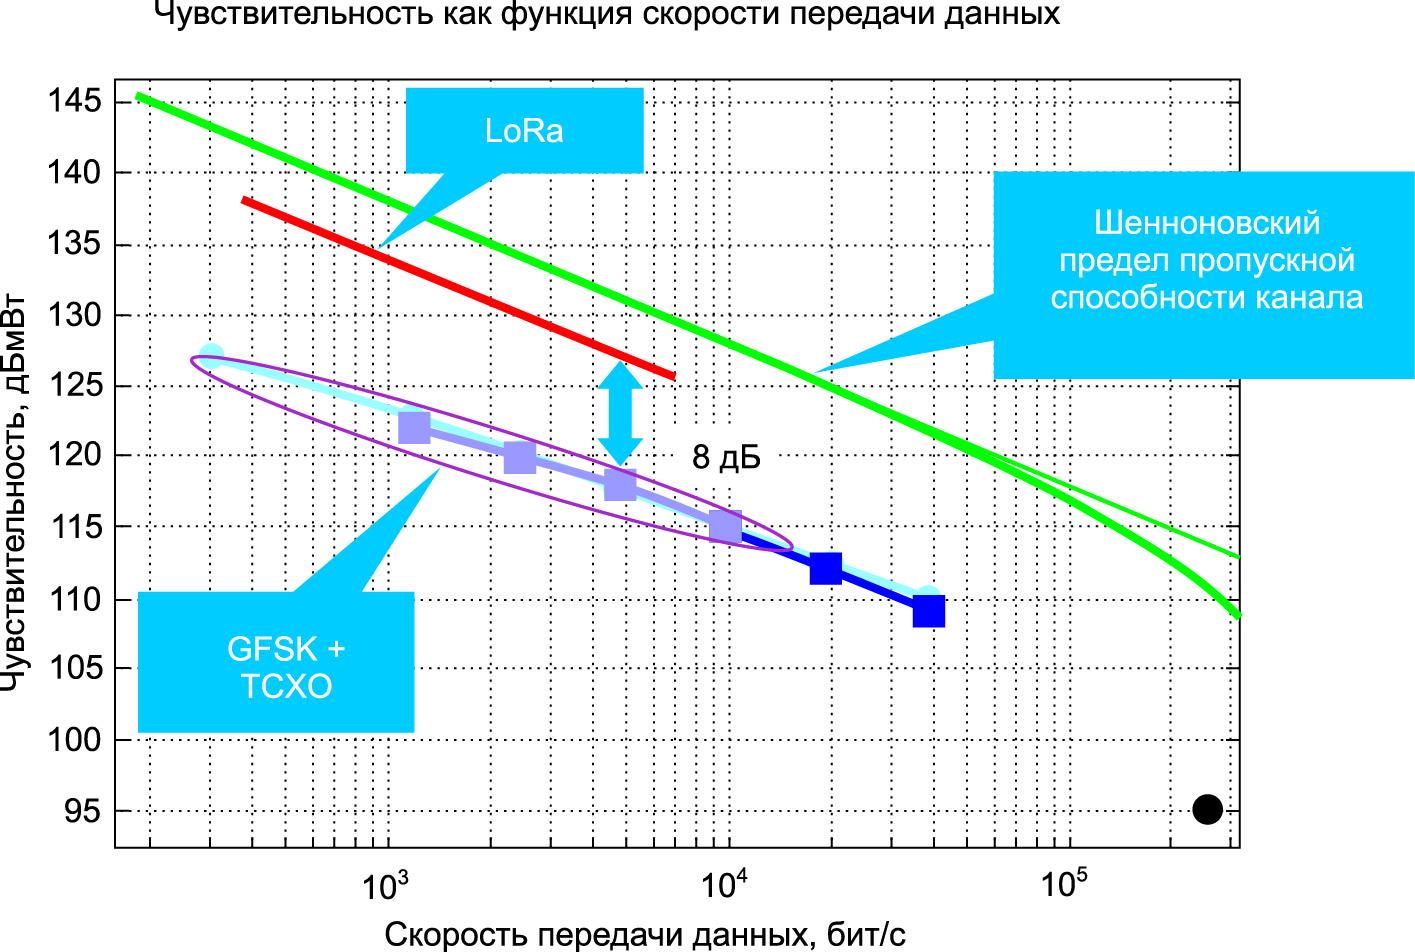 Зависимость чувствительности от скорости передачи данных для гауссовской частотной манипуляции и расширения спектра (LoRa)